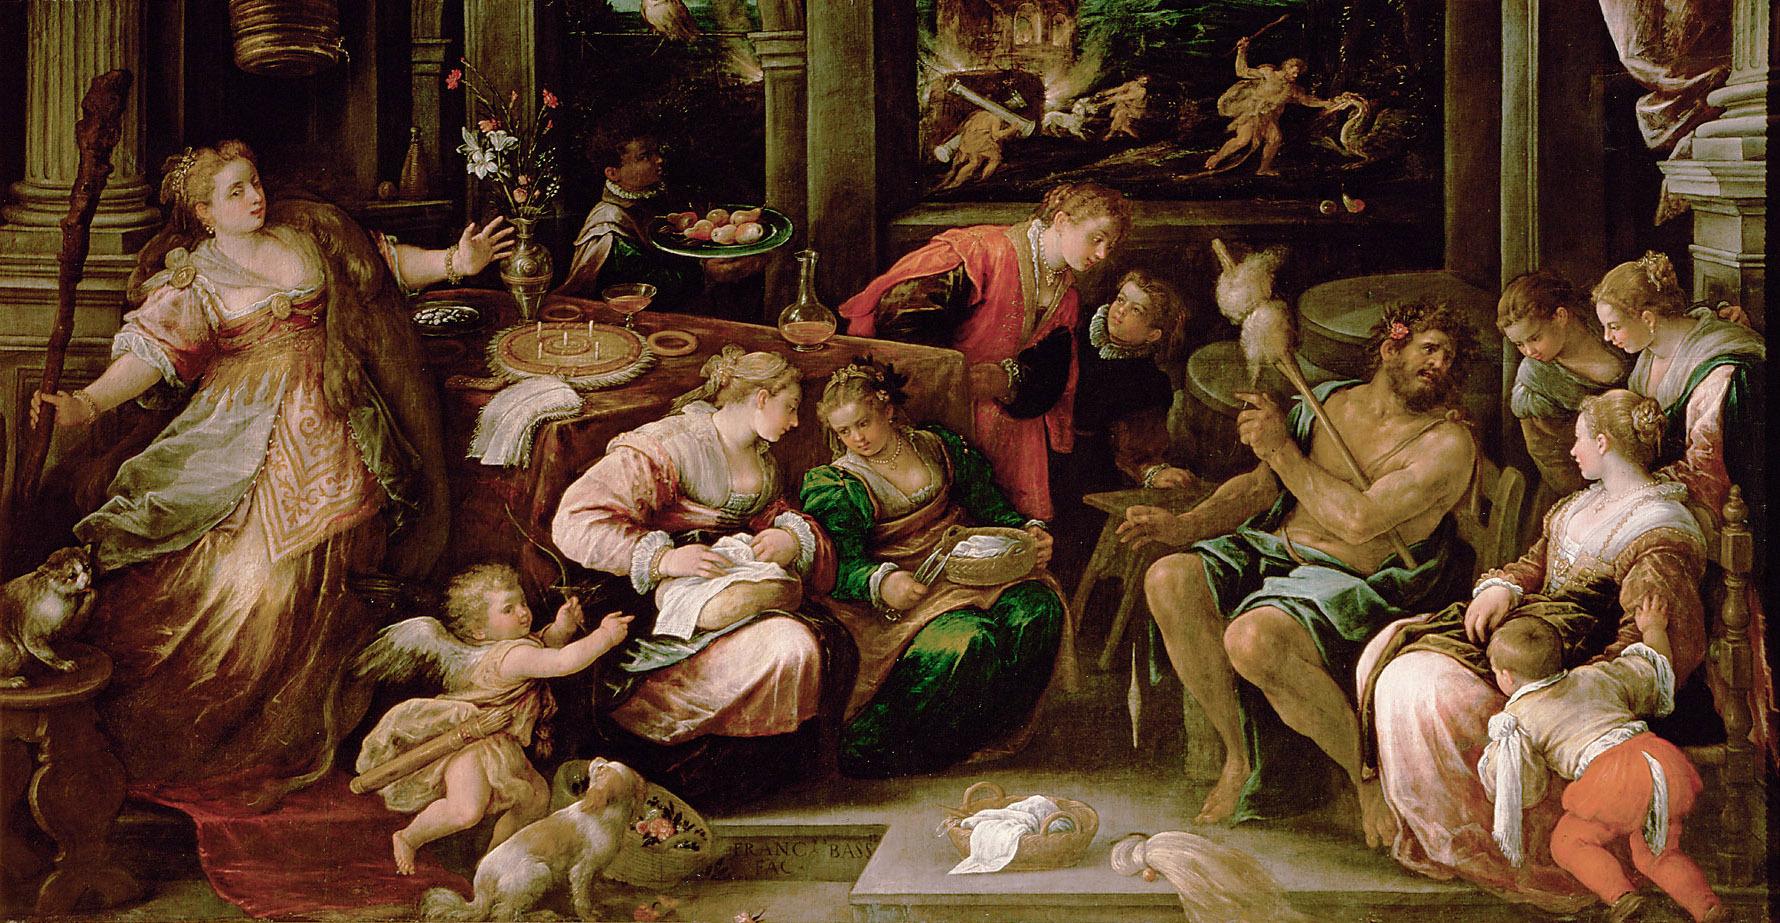 Herkules und Omphale von Francesco da Ponte, gen. Francesco Bassano